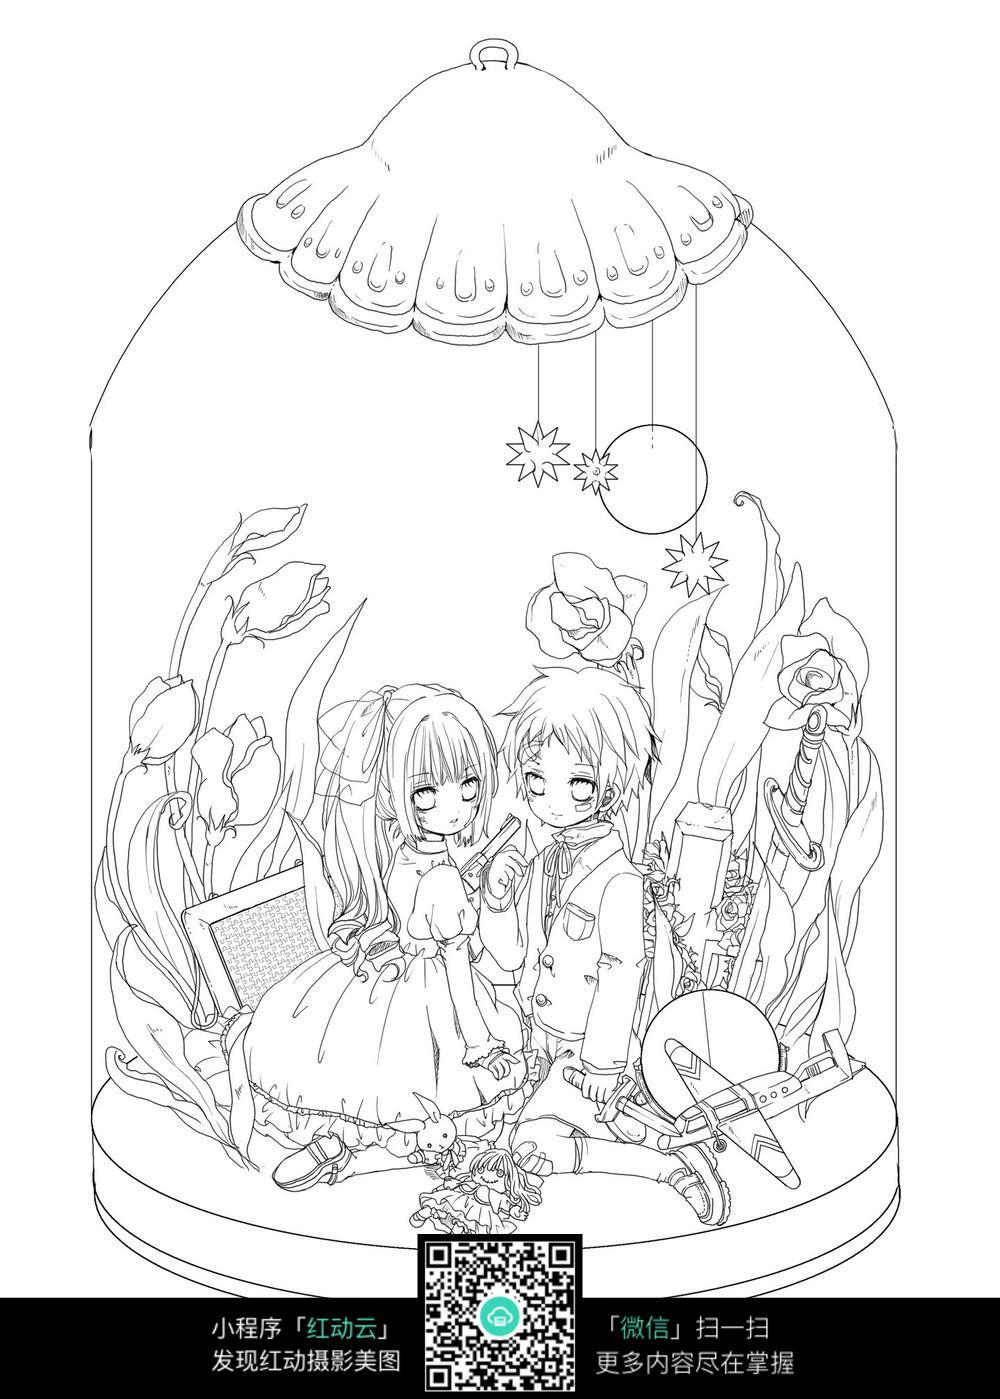 免费素材 图片素材 漫画插画 人物卡通 卡通情侣在玻璃罩里线描